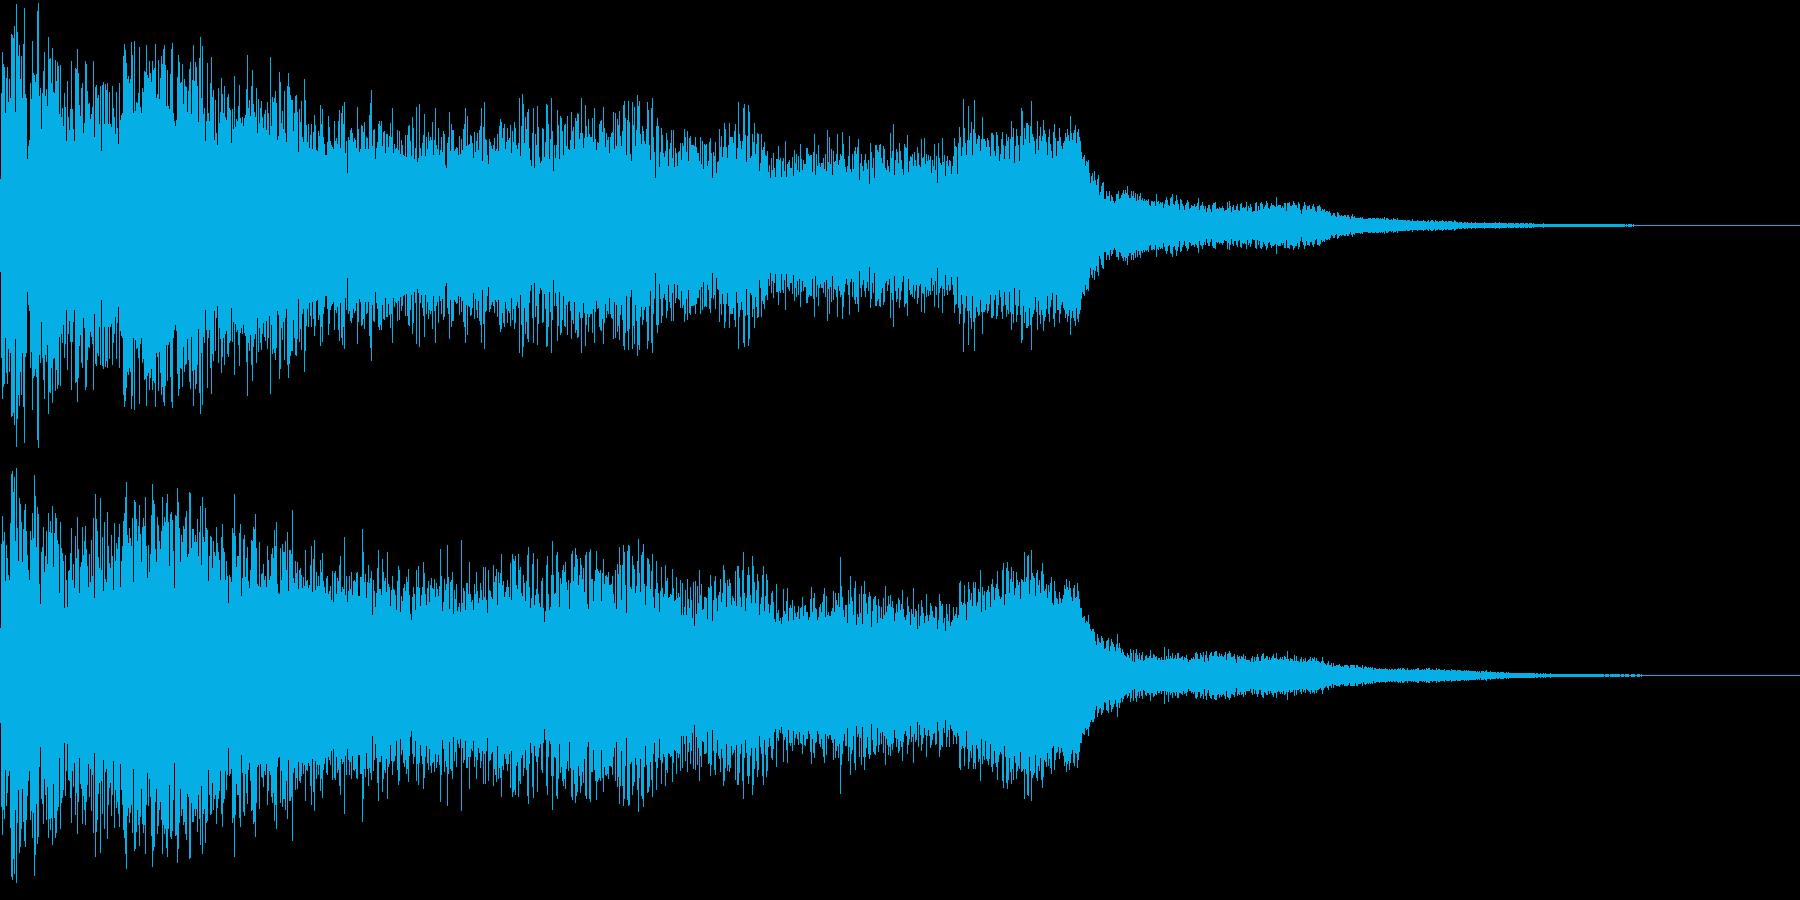 ピキューン ピキーン ズキューンの再生済みの波形